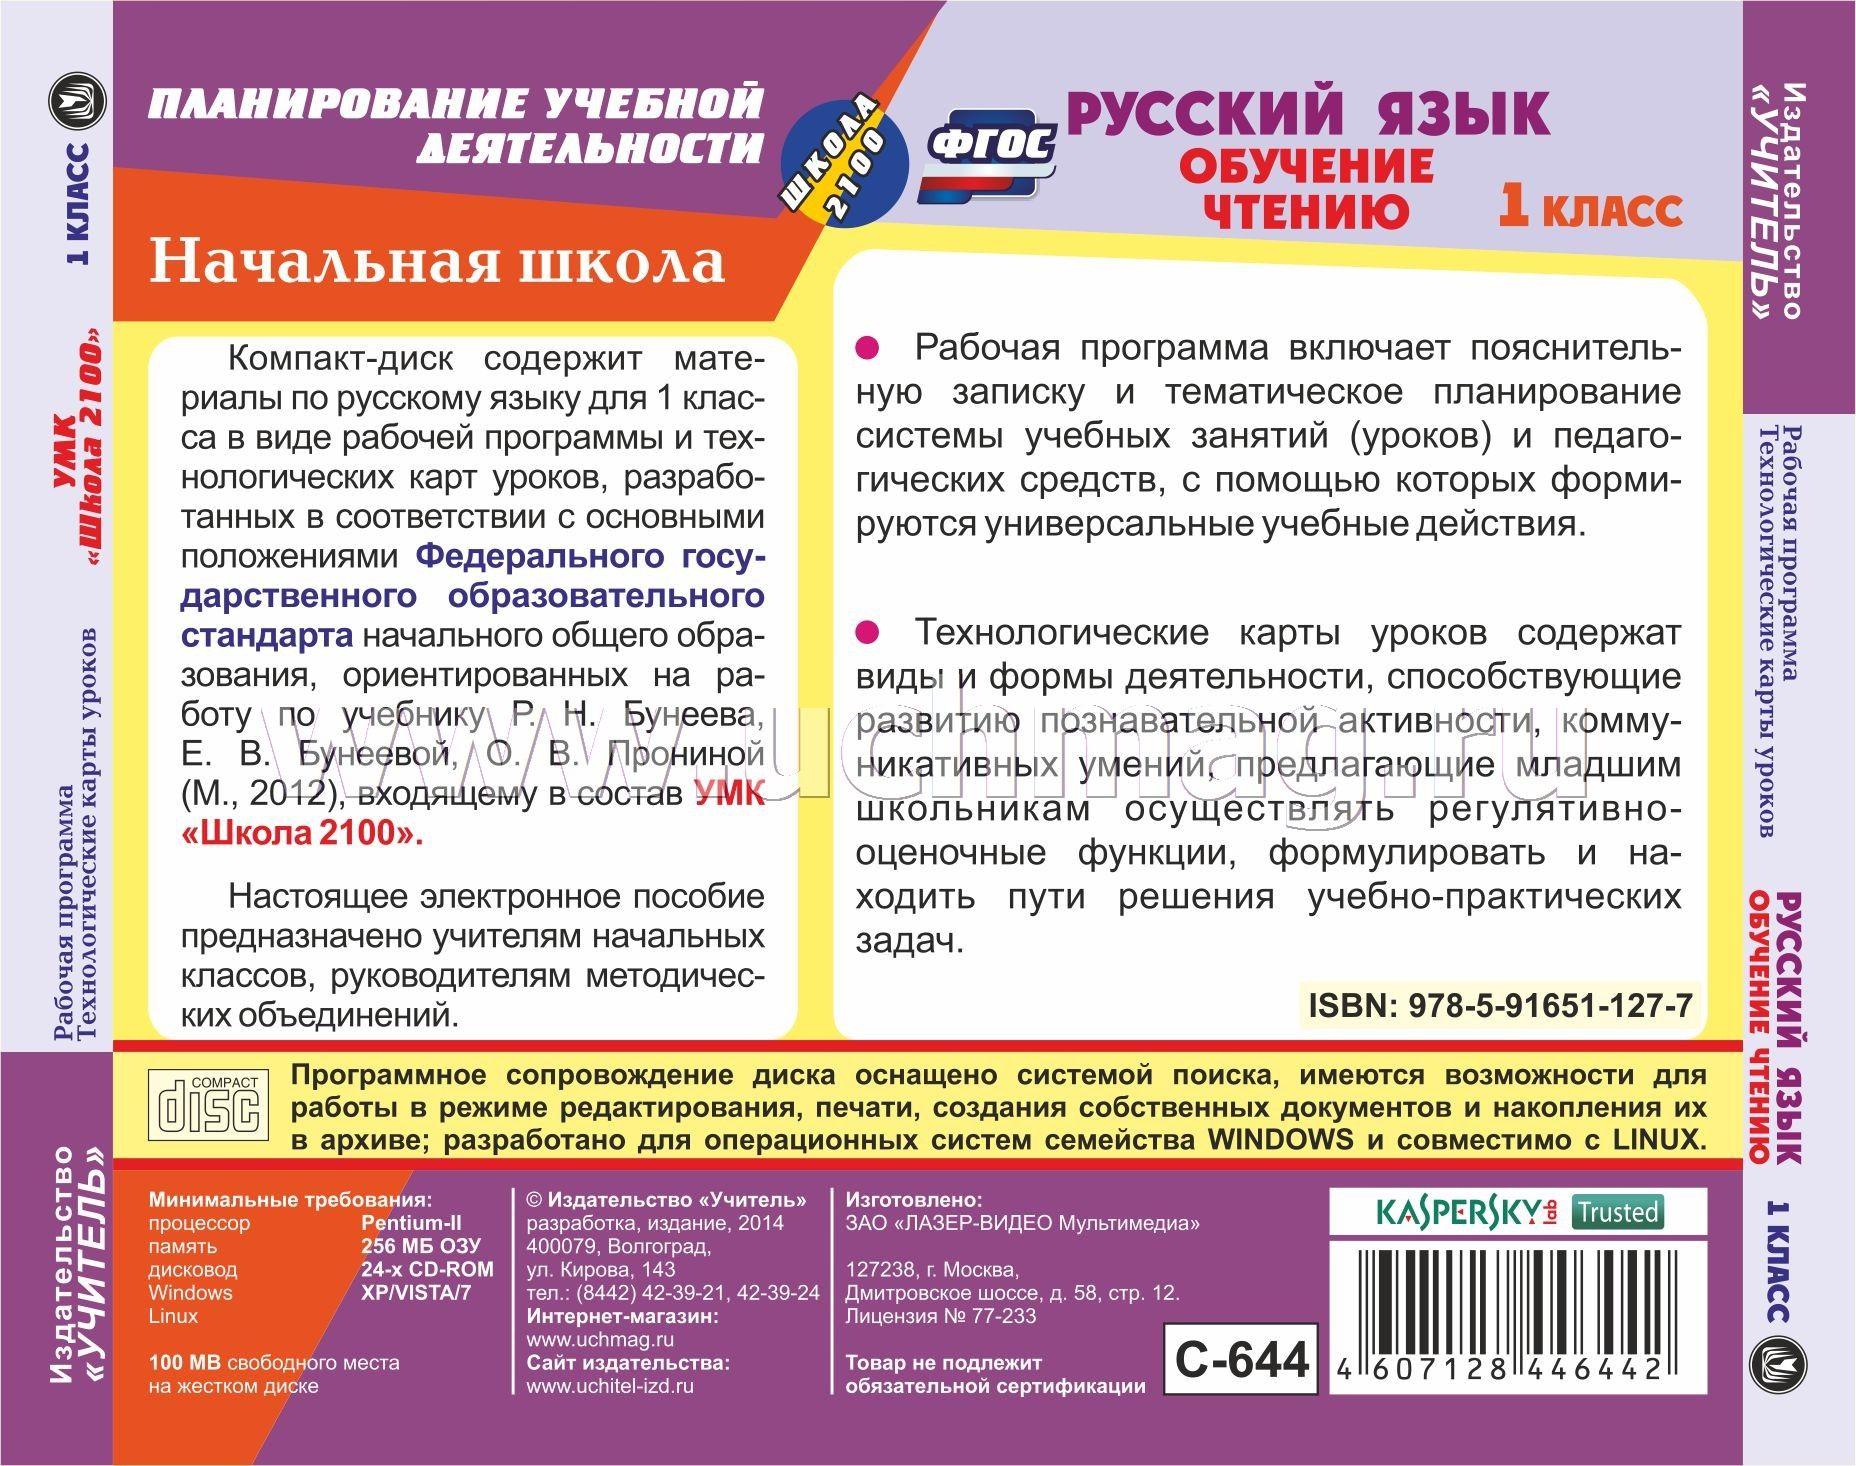 Русский язык обучение чтению 1 класс